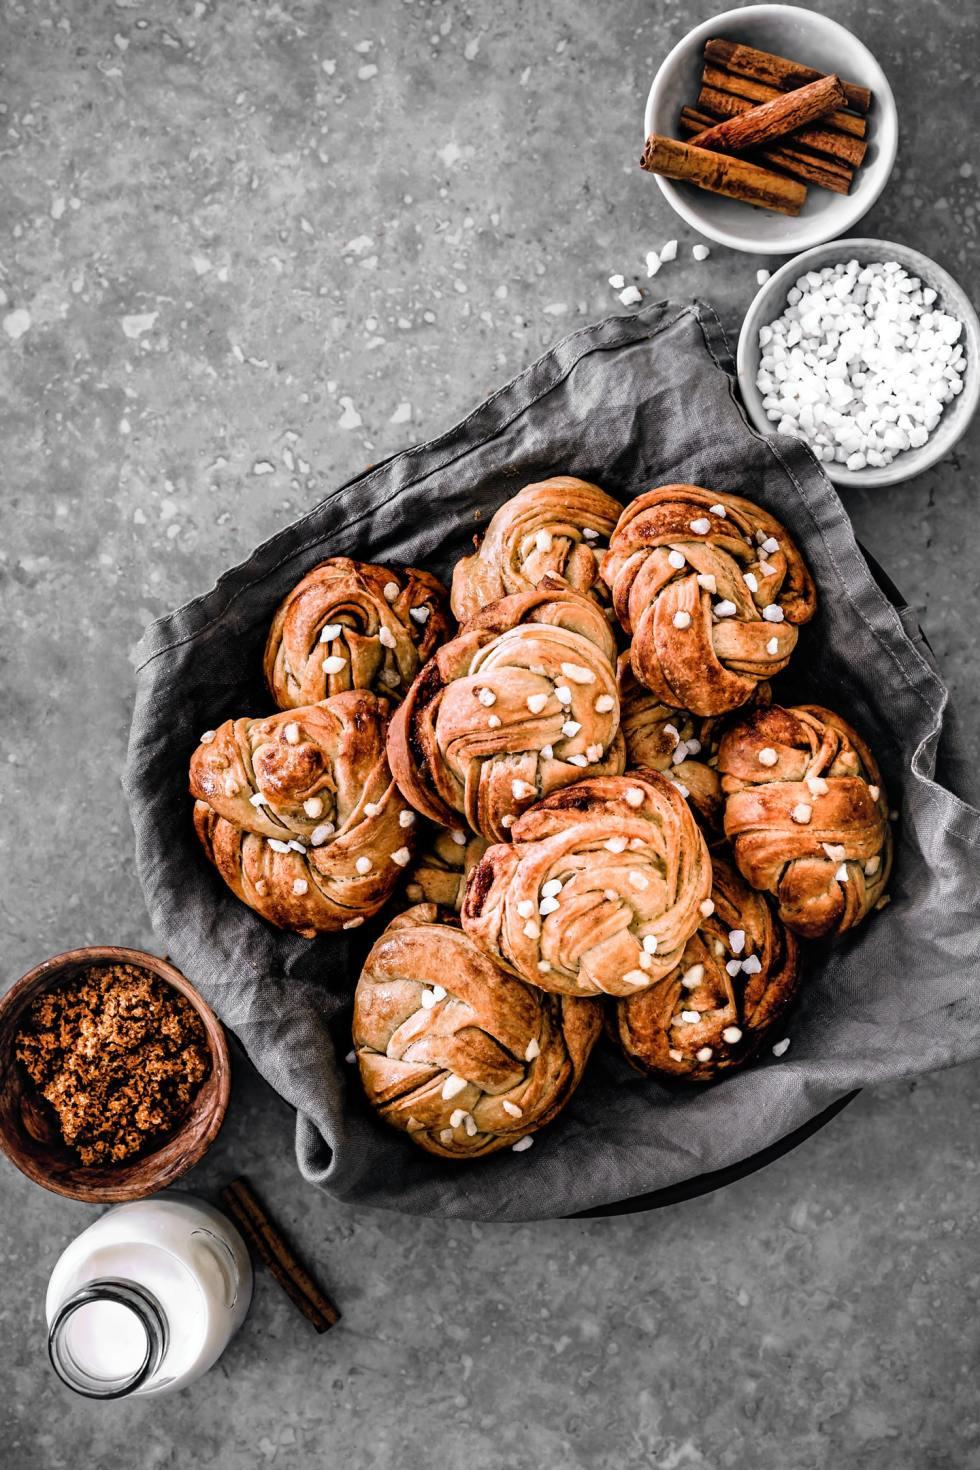 Cinnamon rolls kannelbular buns Suedish